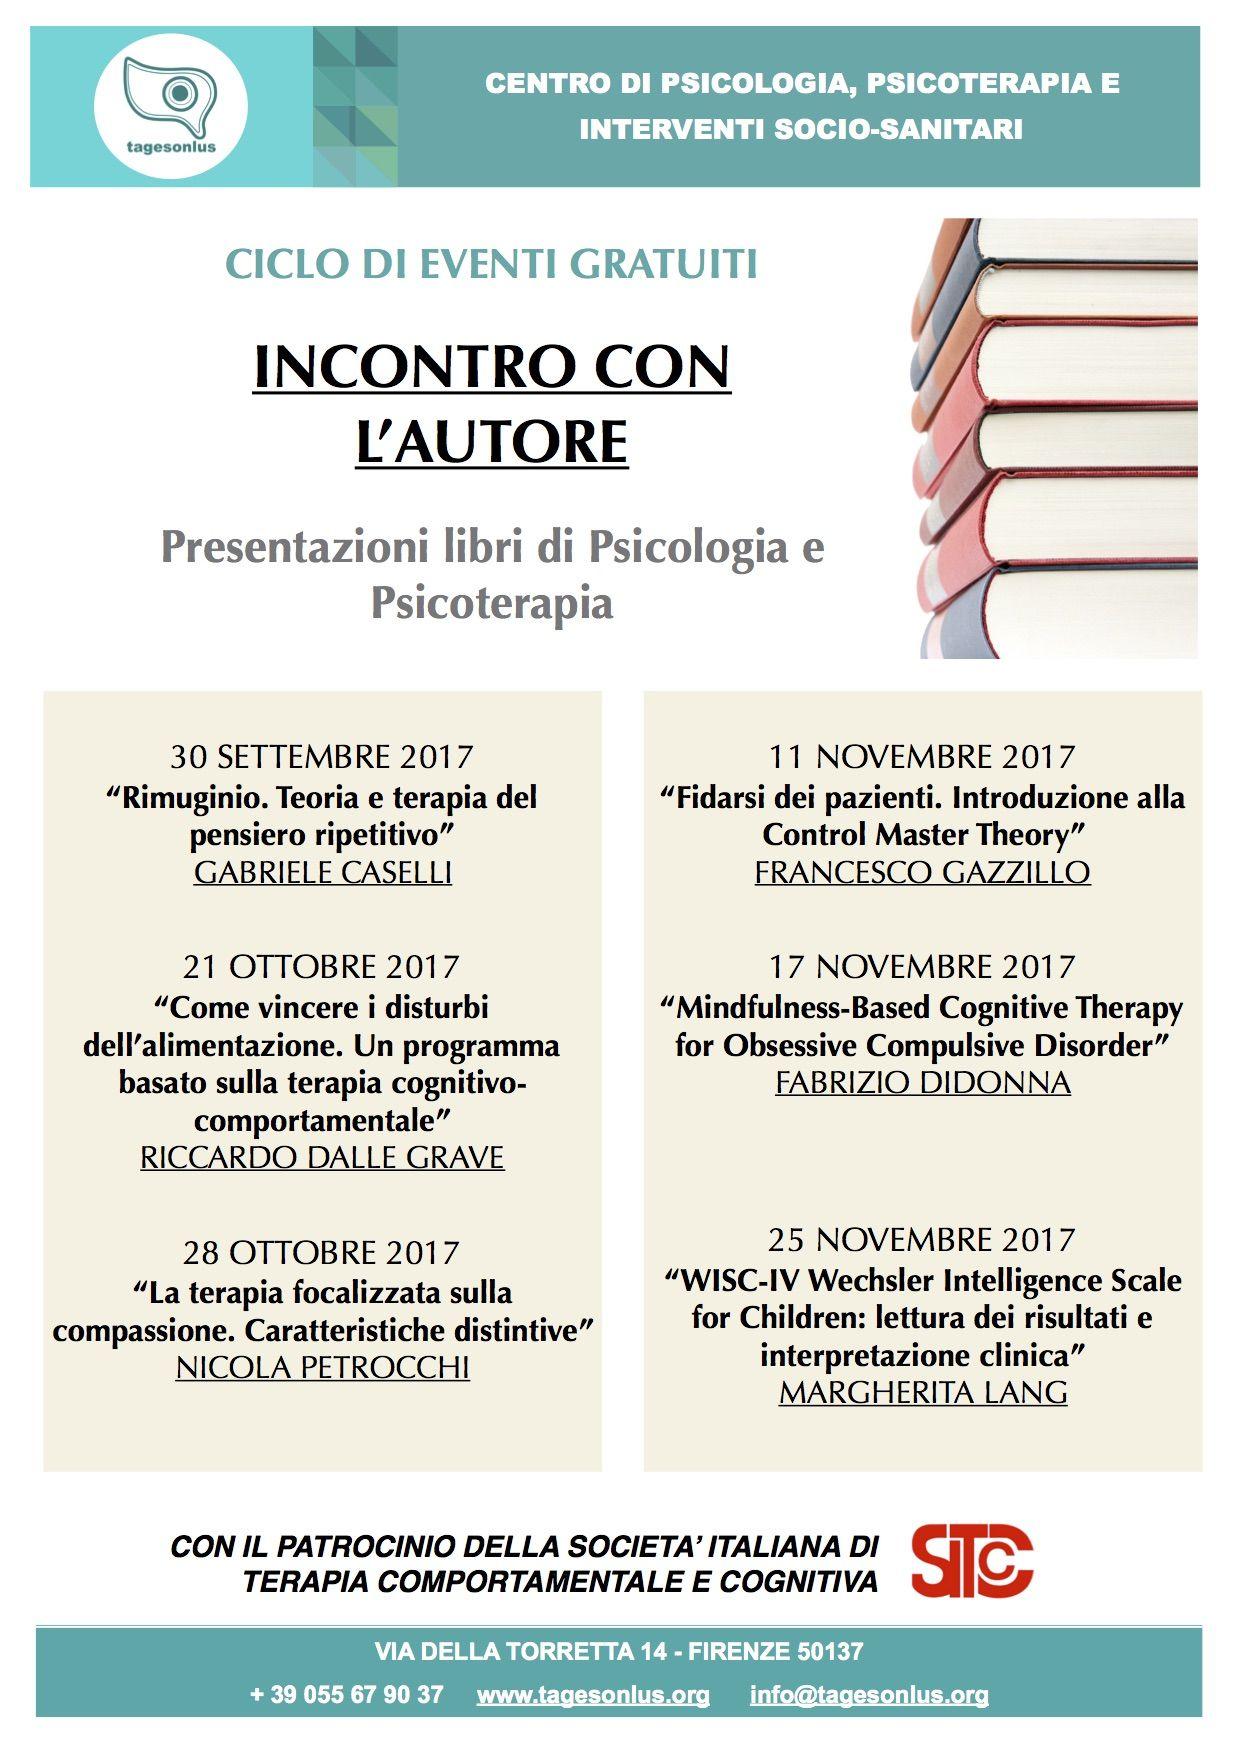 Ciclo di eventi gratuiti: Incontro con l'autore - Firenze